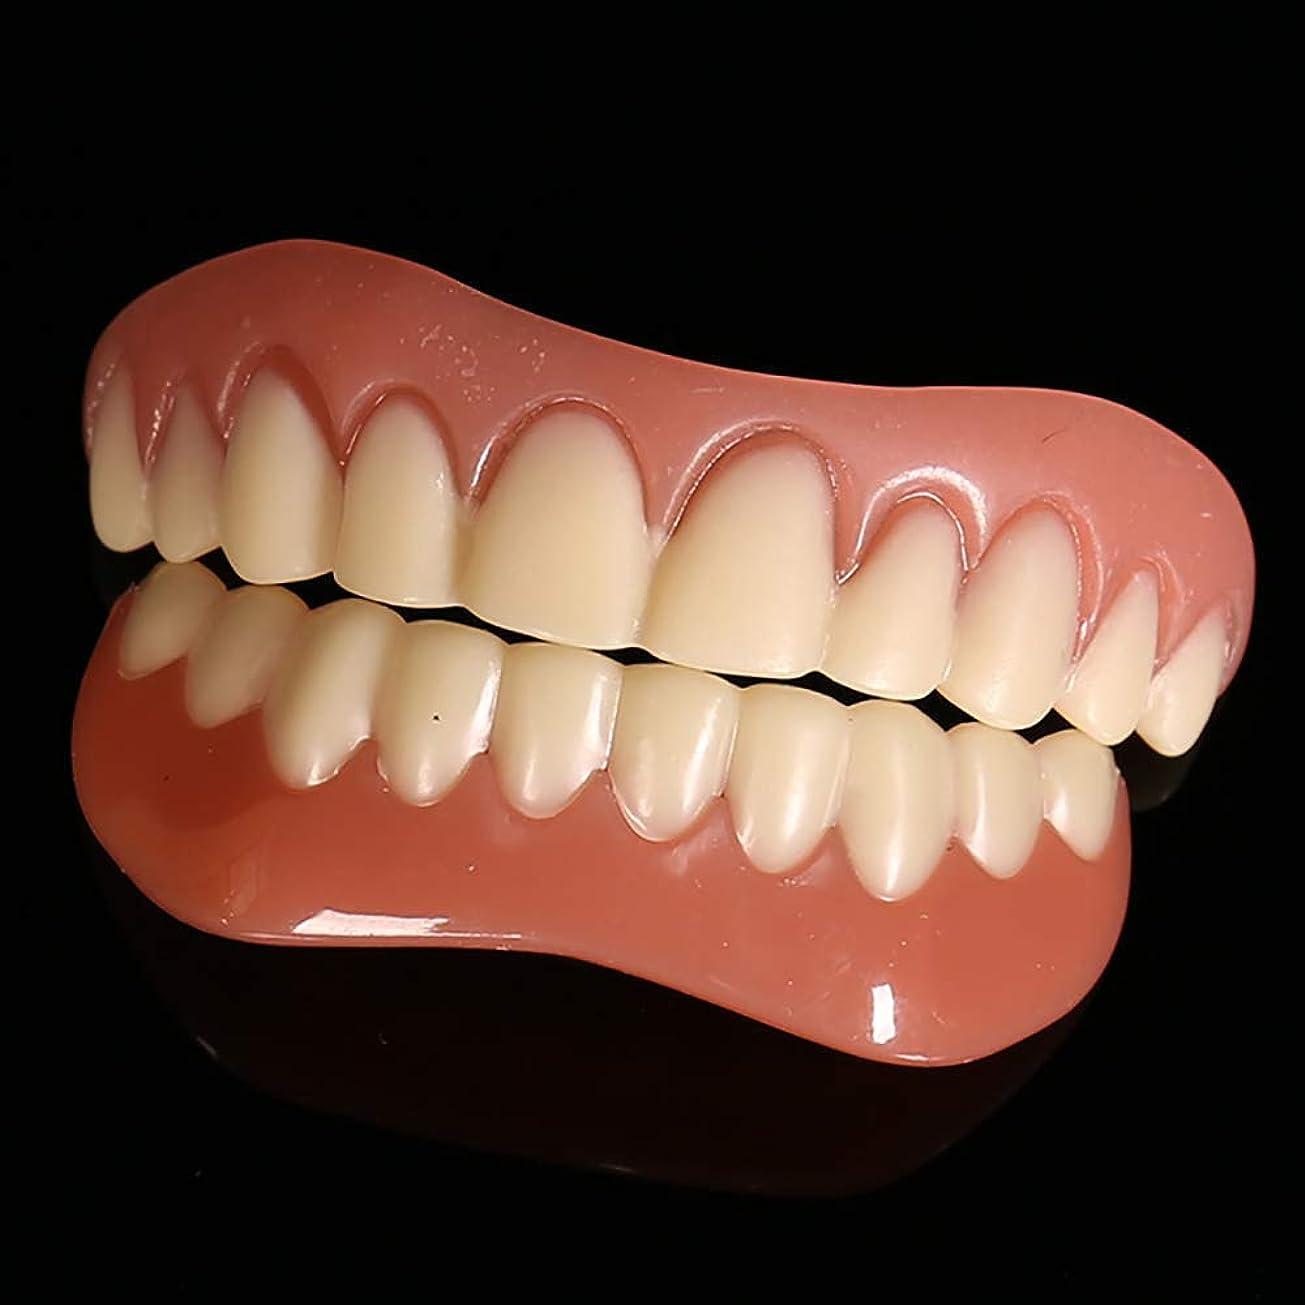 ゲームかんたん置き場義歯パーフェクトスマイルアップダウンシリコンブレースを白くするすべての義歯ケアツールの歯と歯の矯正,7pairs